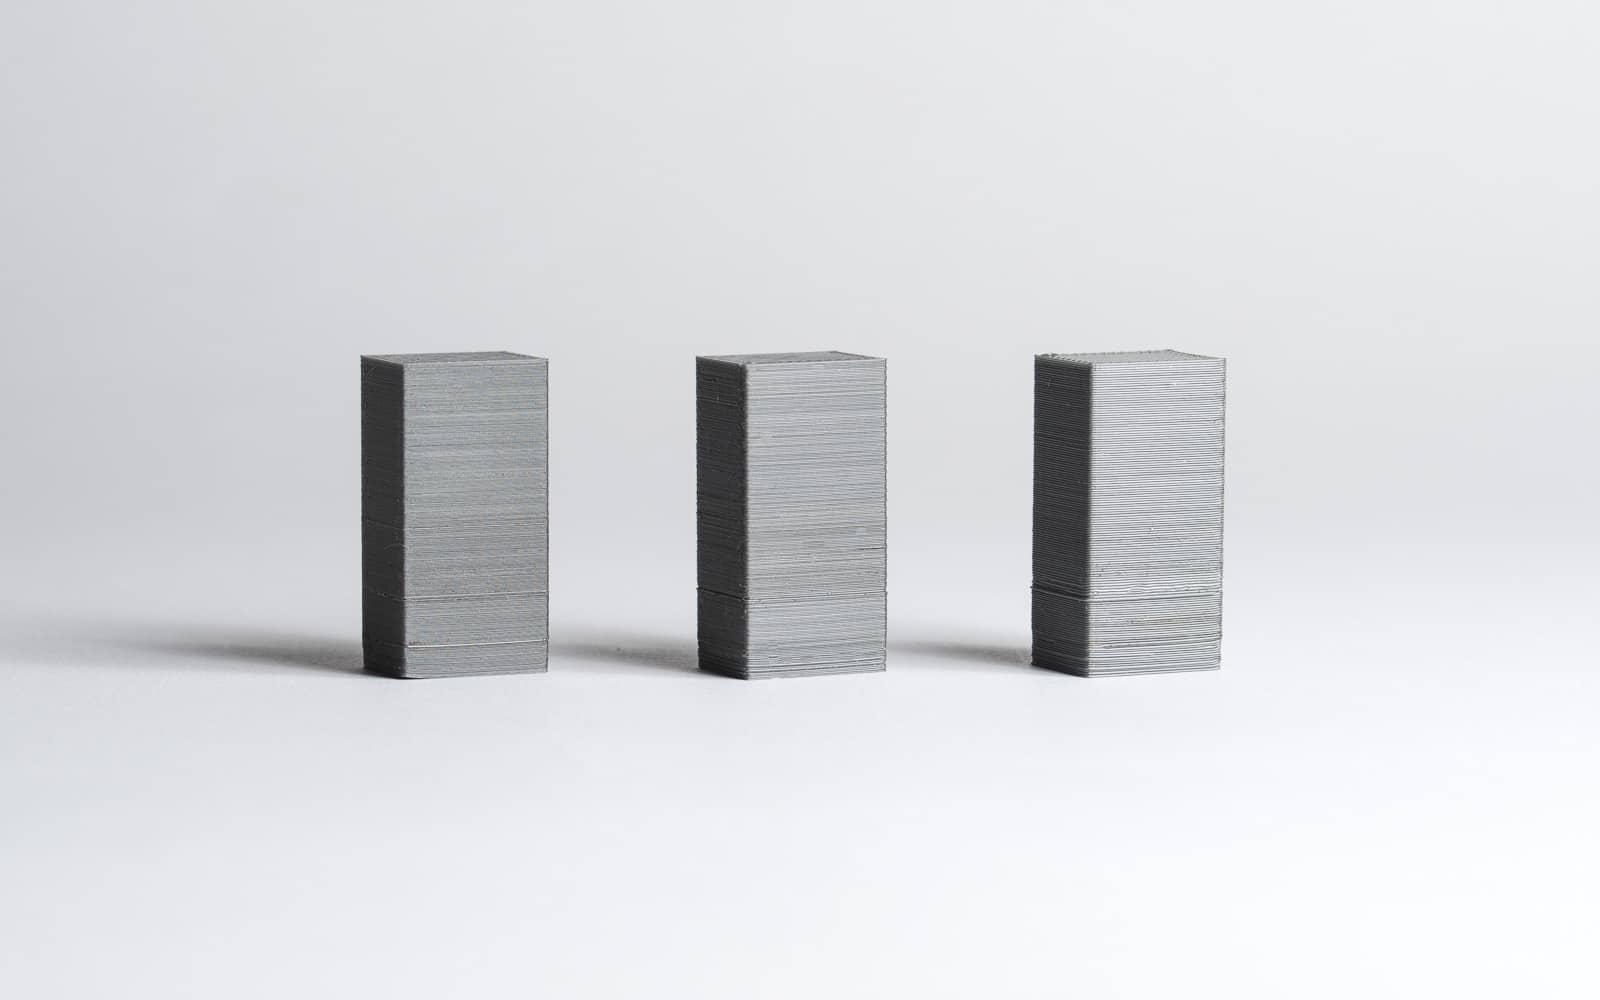 سه قطعه FDM که با ضخامت لایه های 50،200 و 300 میکرون ساخته شده اند.(چپ به راست)